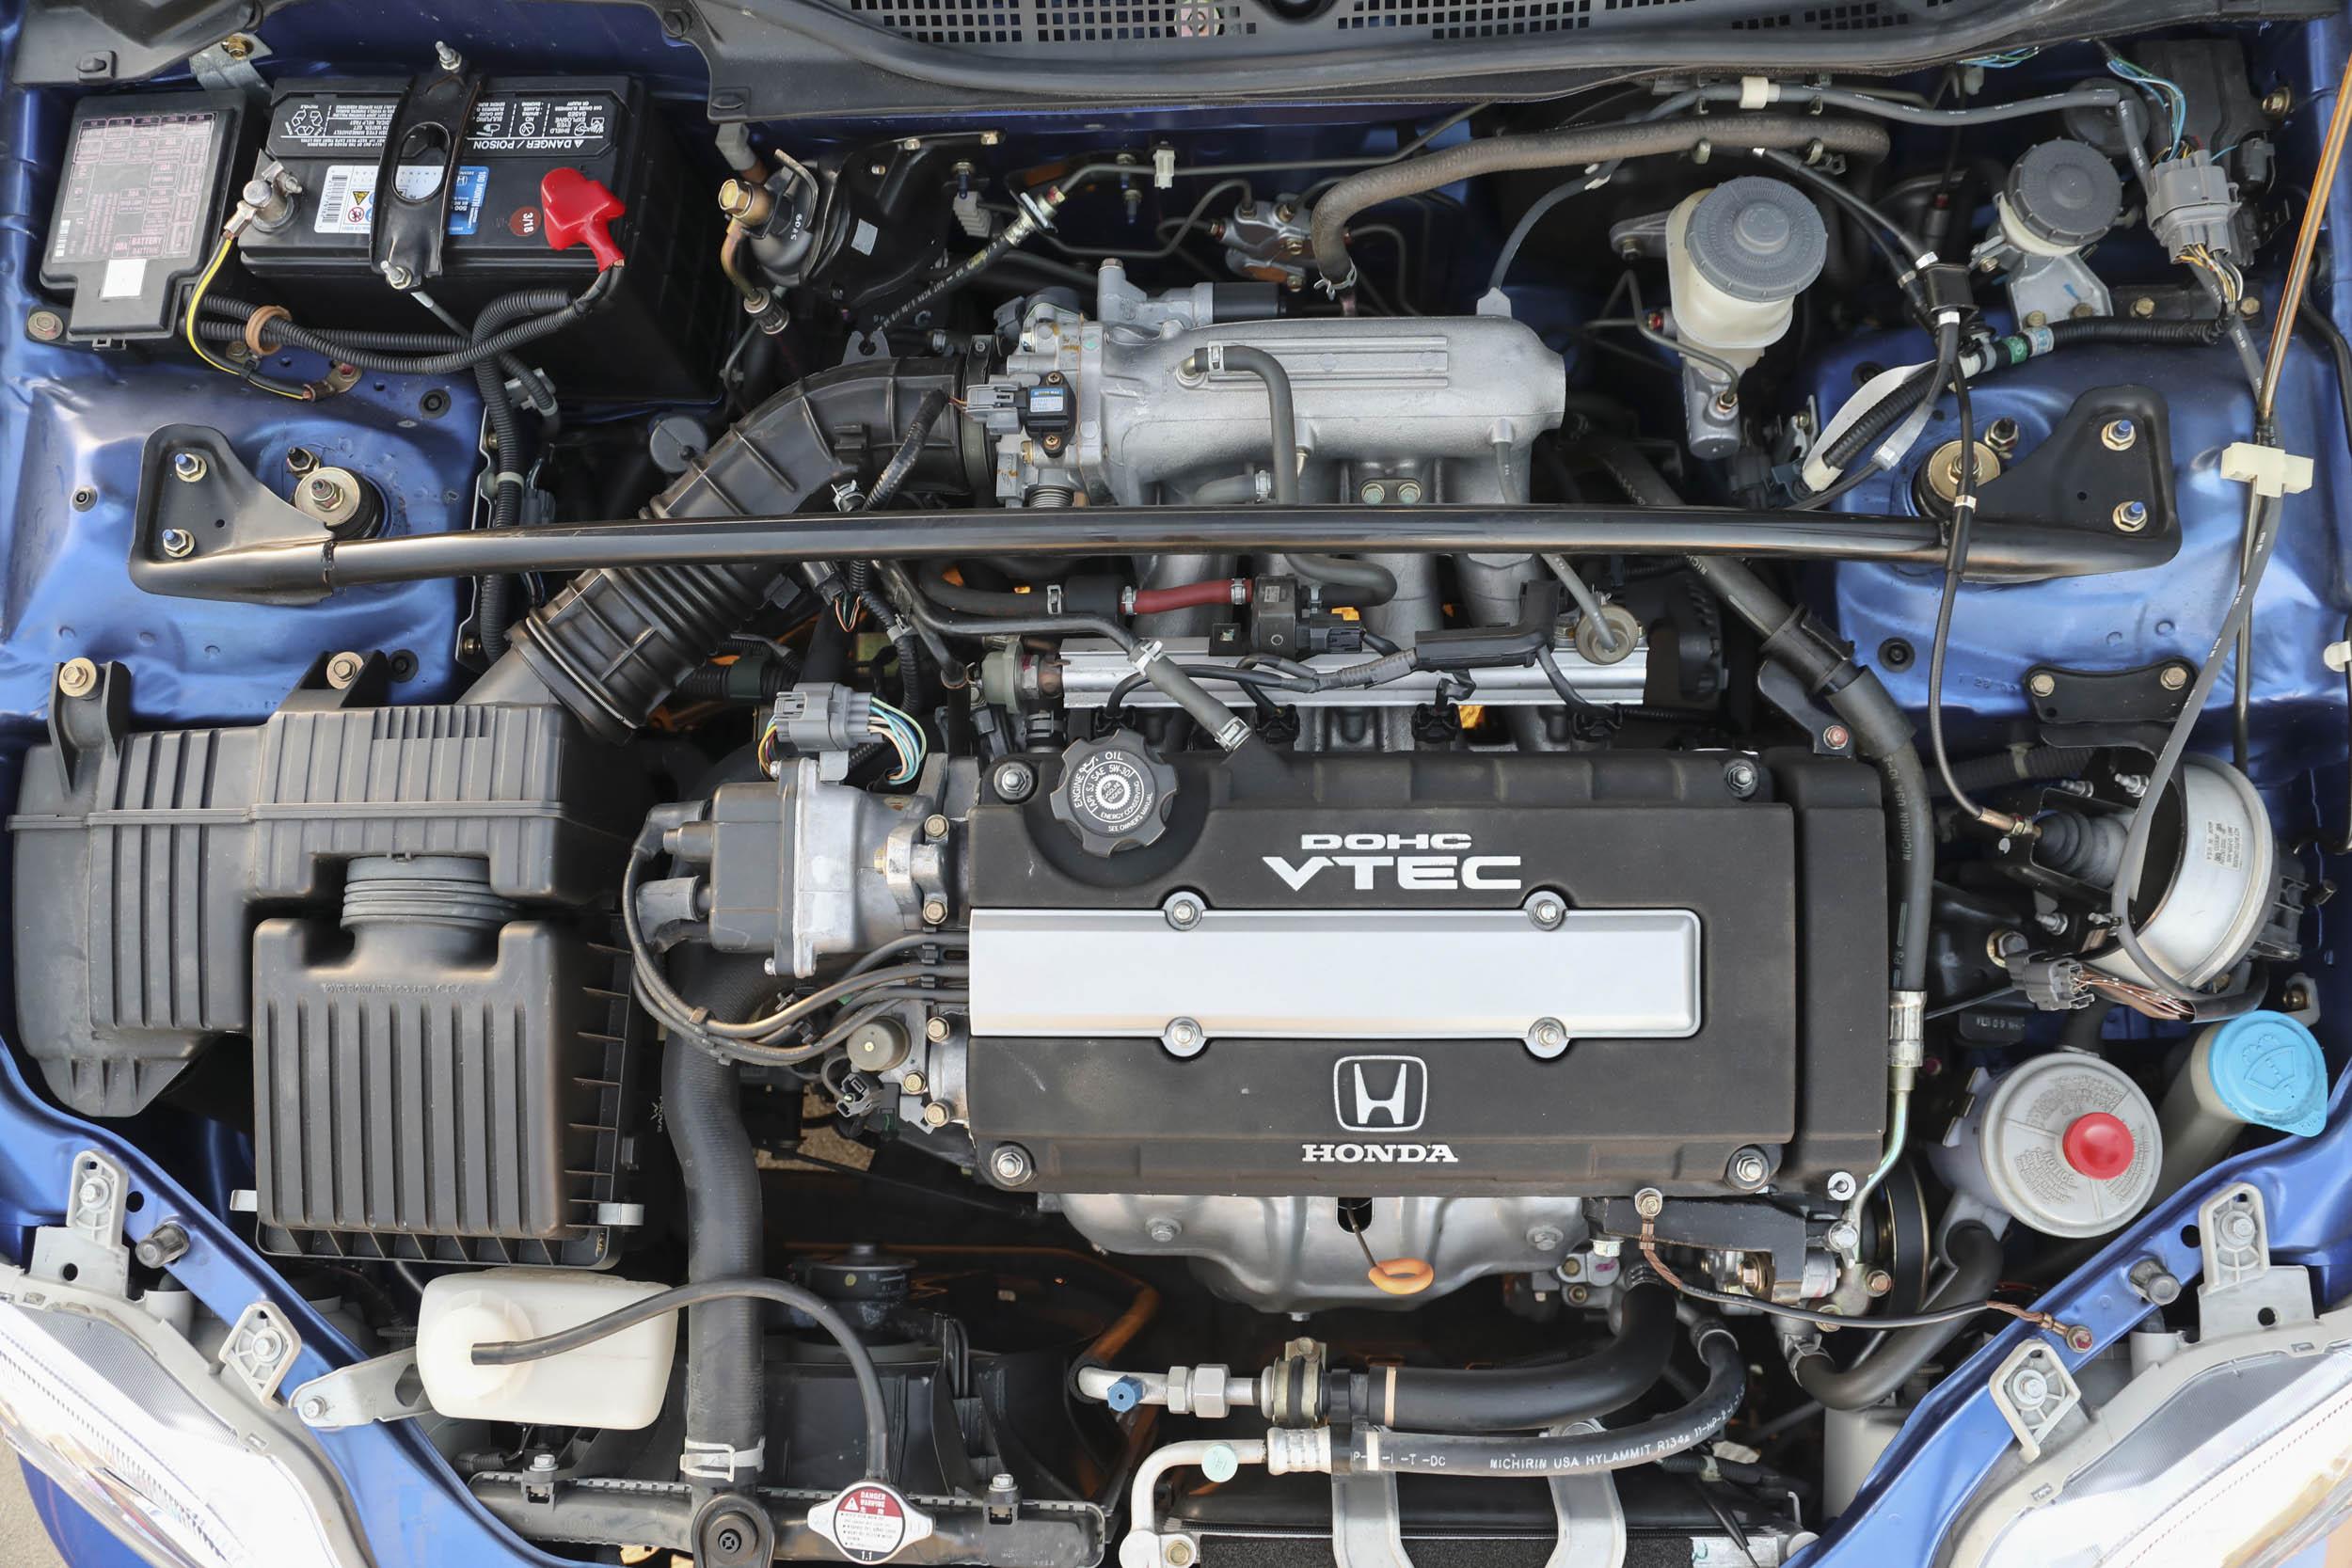 Honda Civic VTEC engine